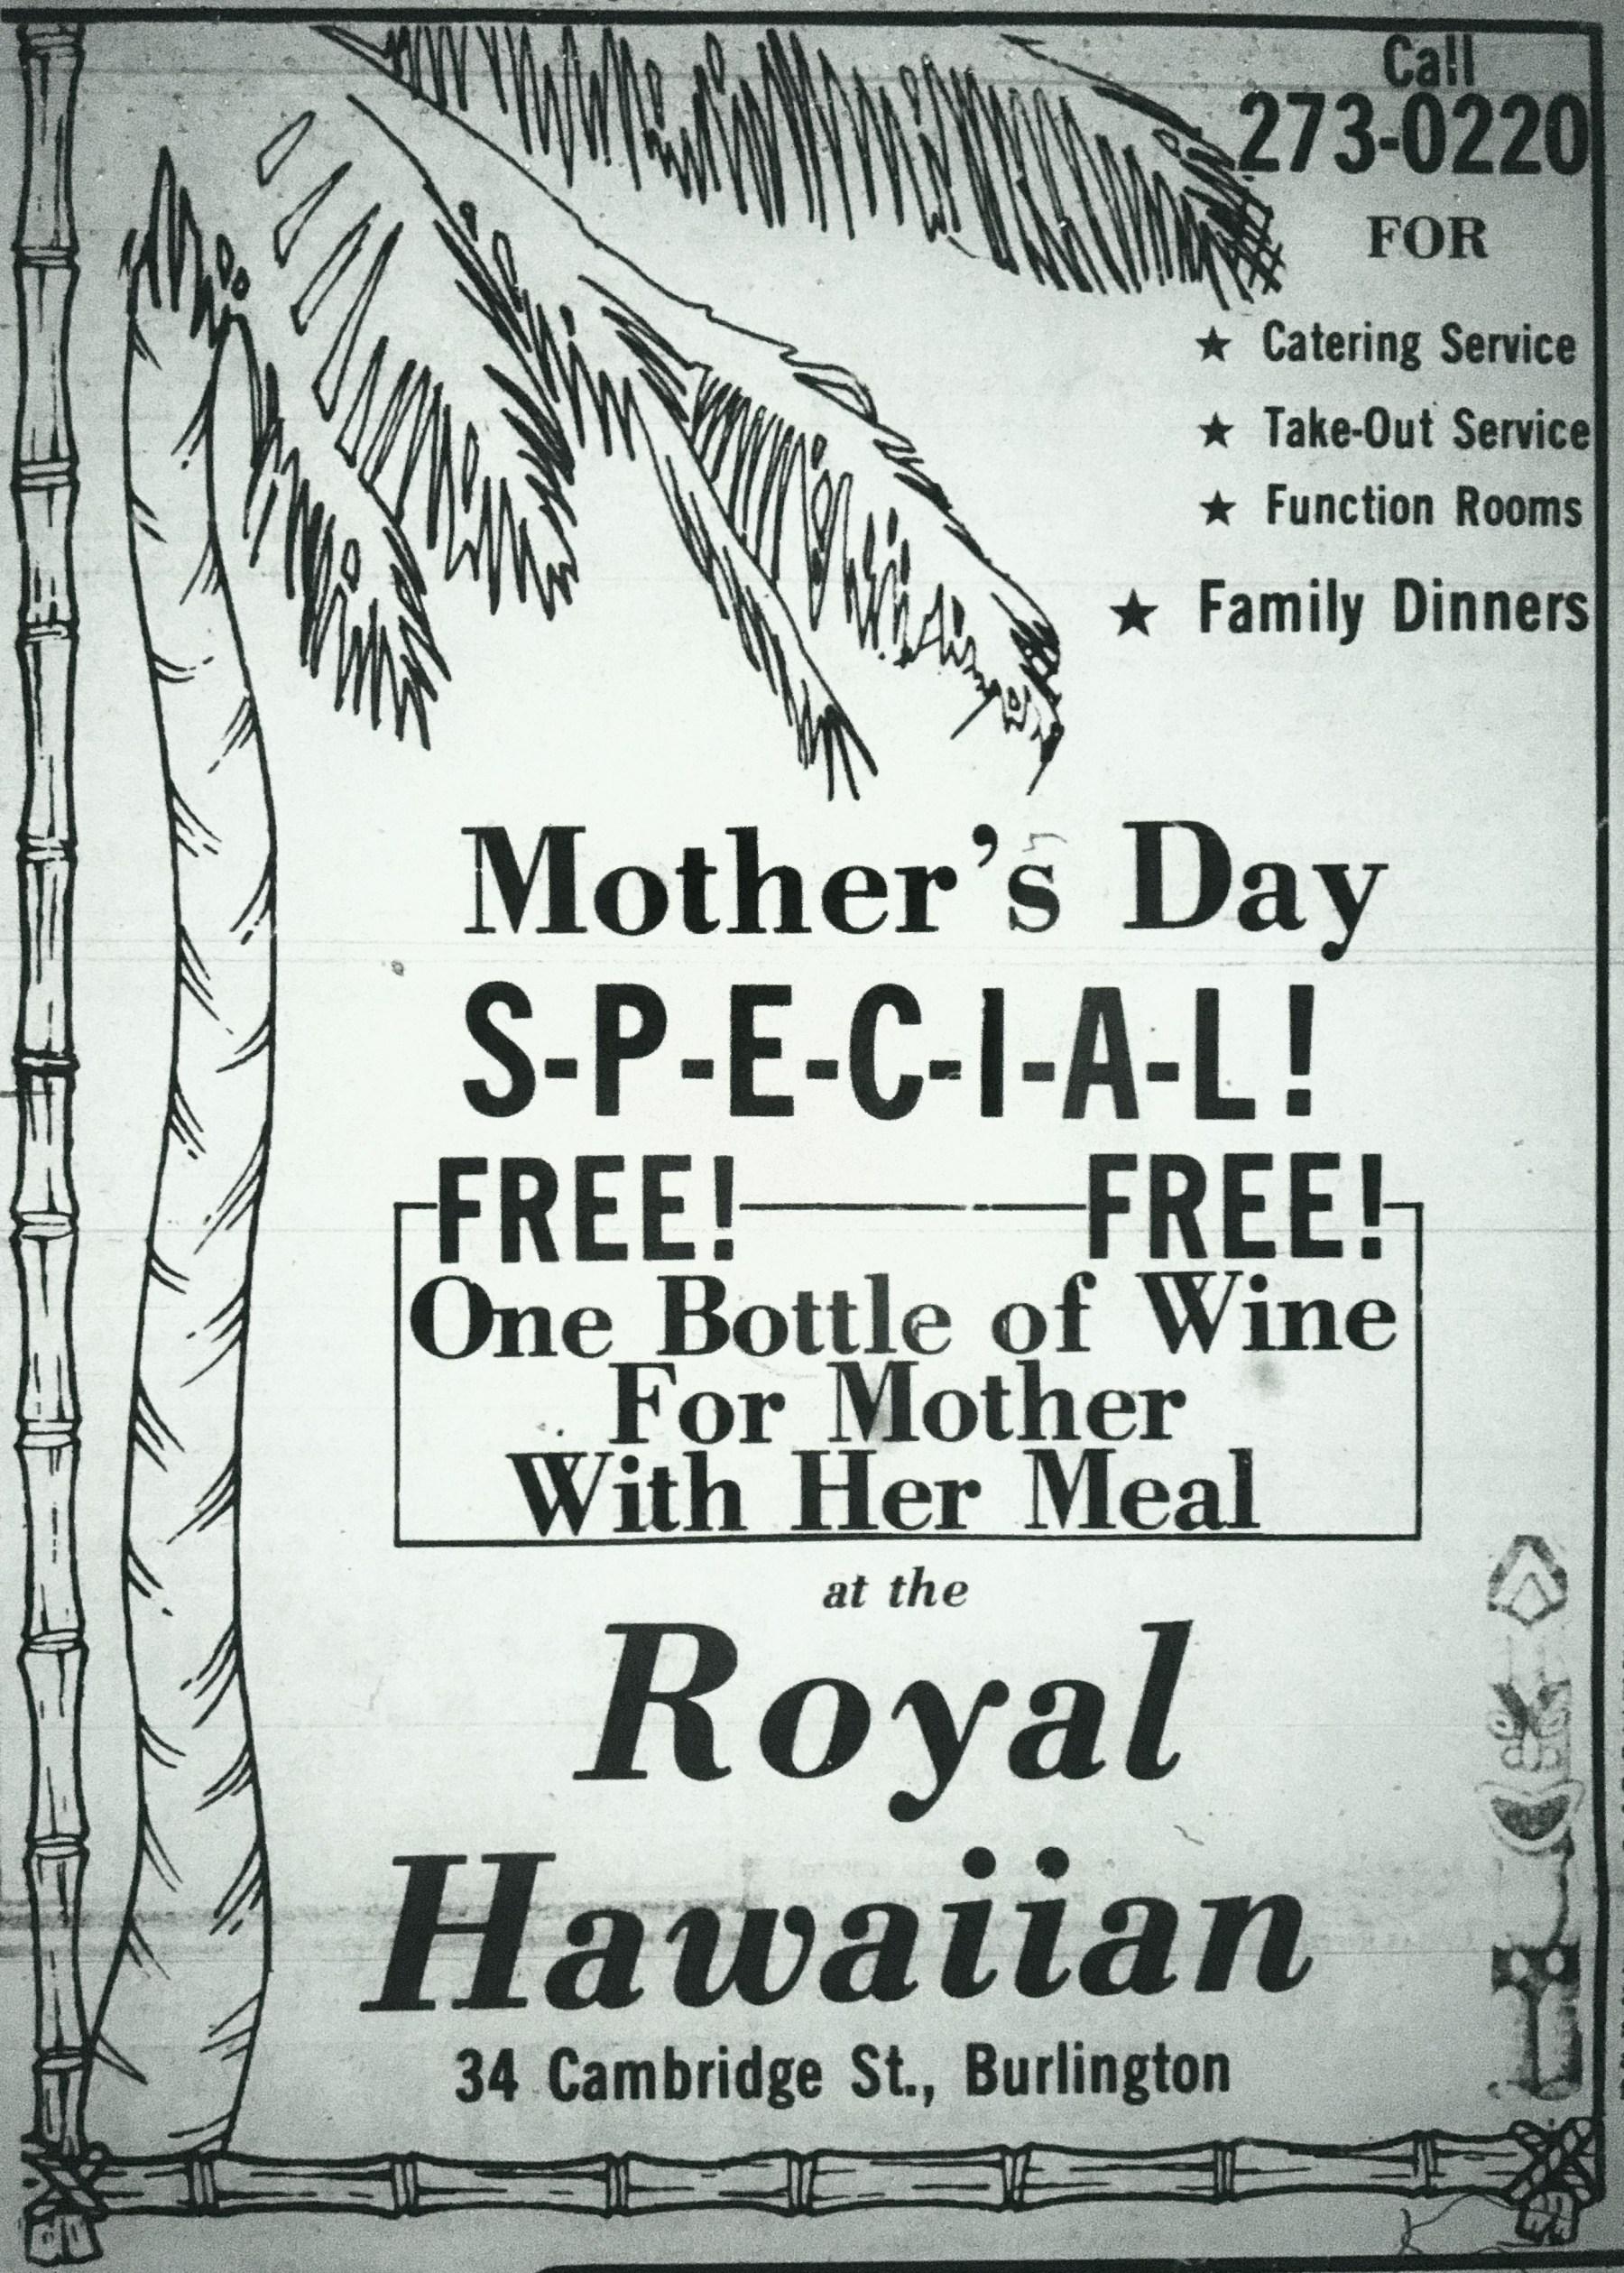 Royal Hawaiian, Burlington MA